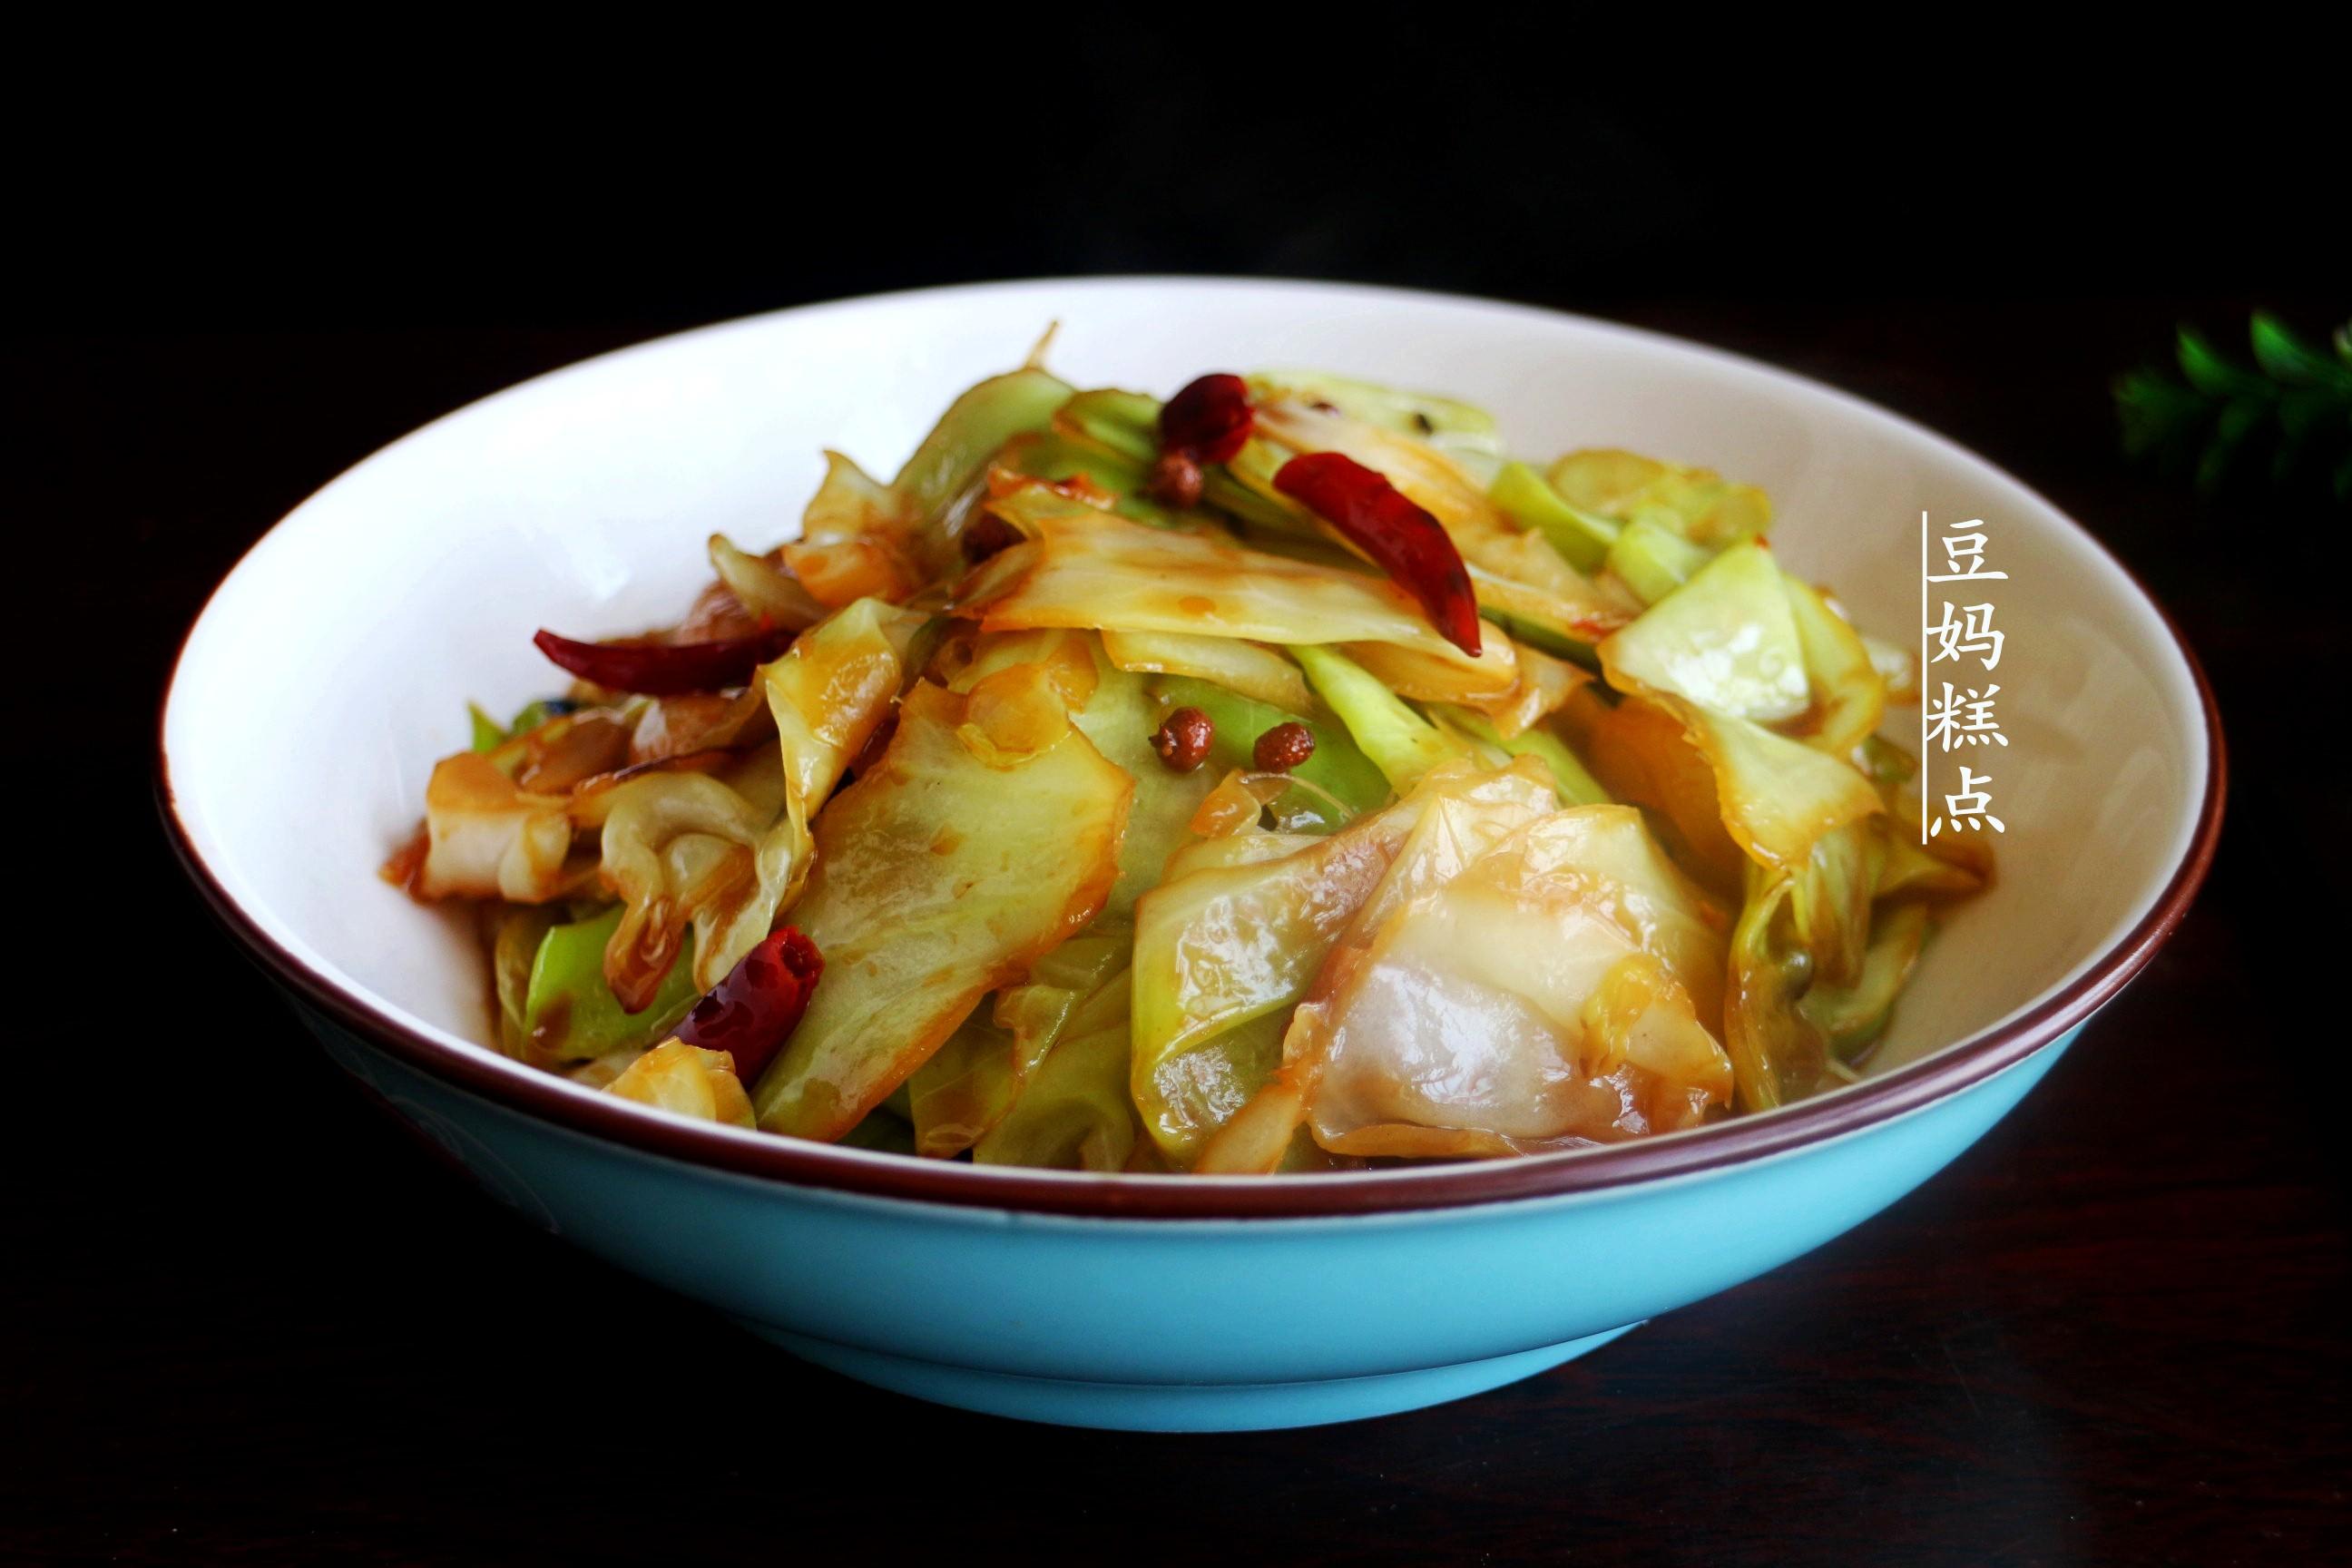 家常素小炒,节后清肠减肥必备 减肥菜谱 第2张